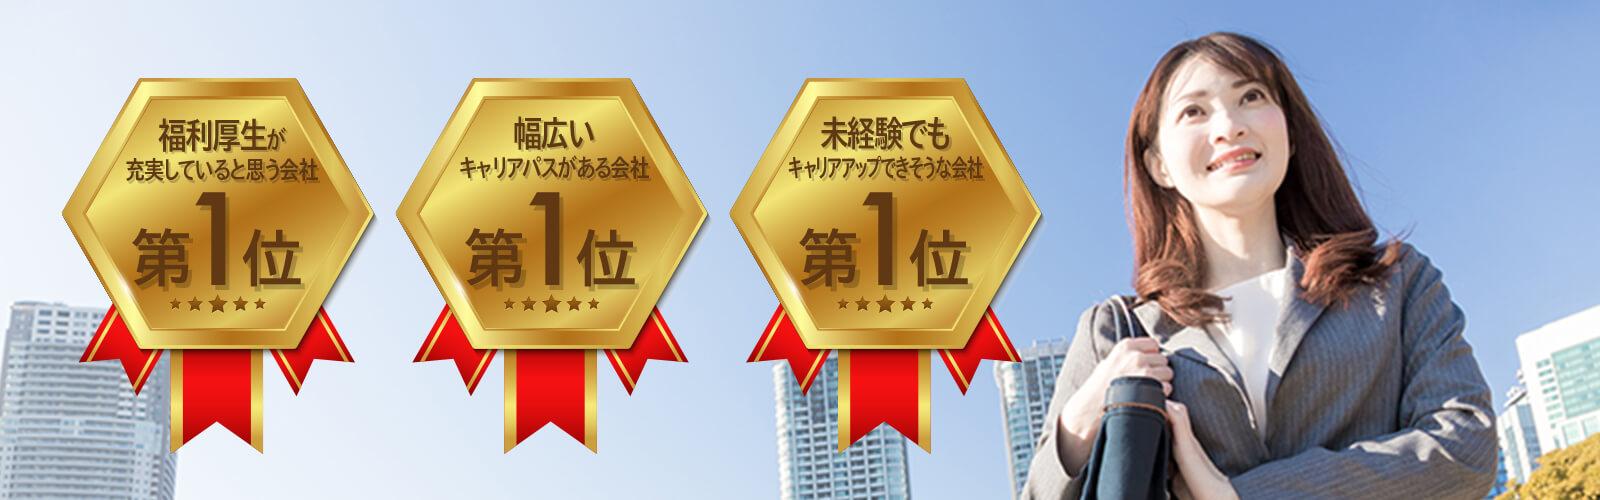 No.1キャッチフレーズ参考バナー2